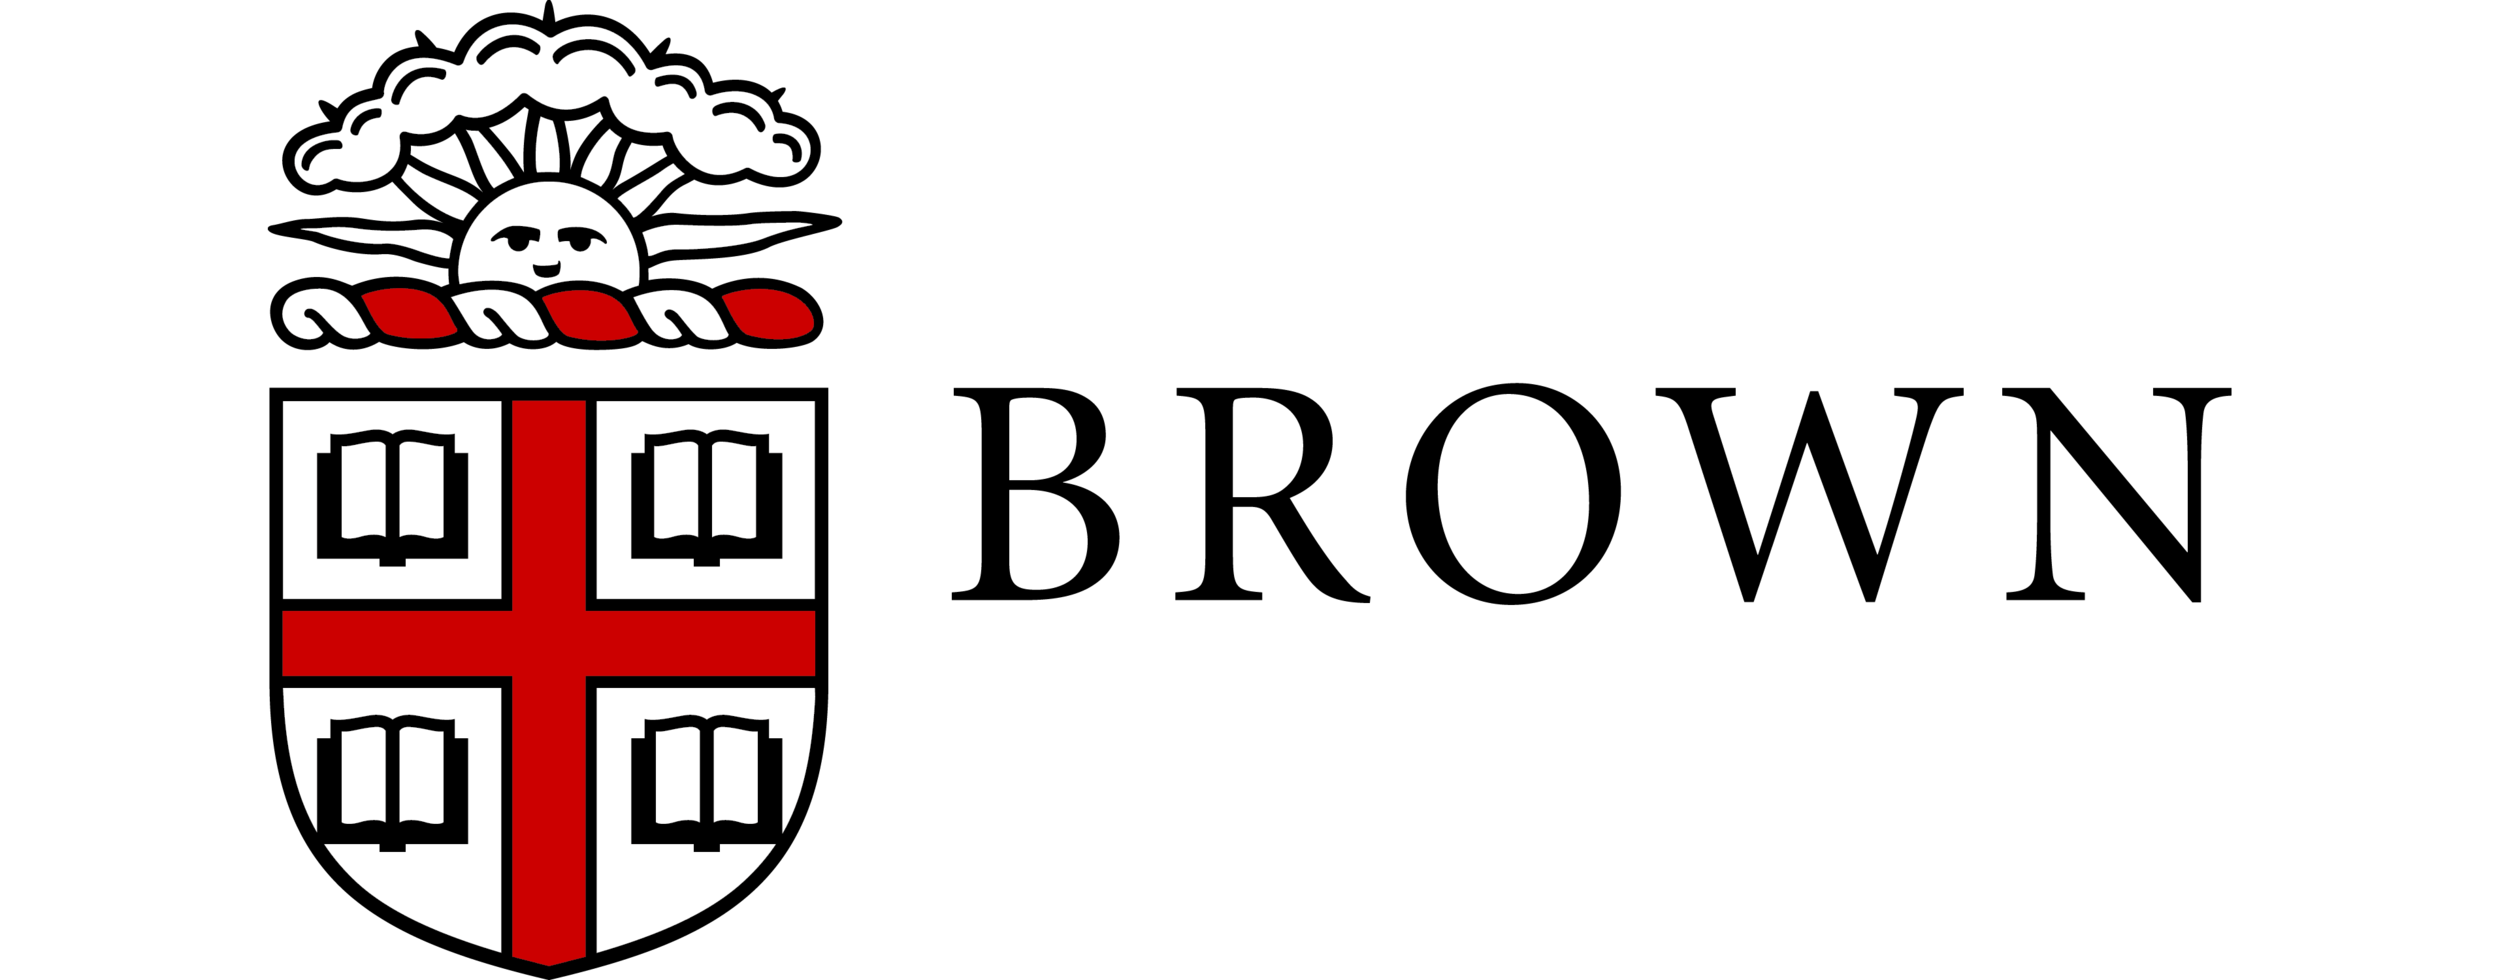 logo - Brown University.png